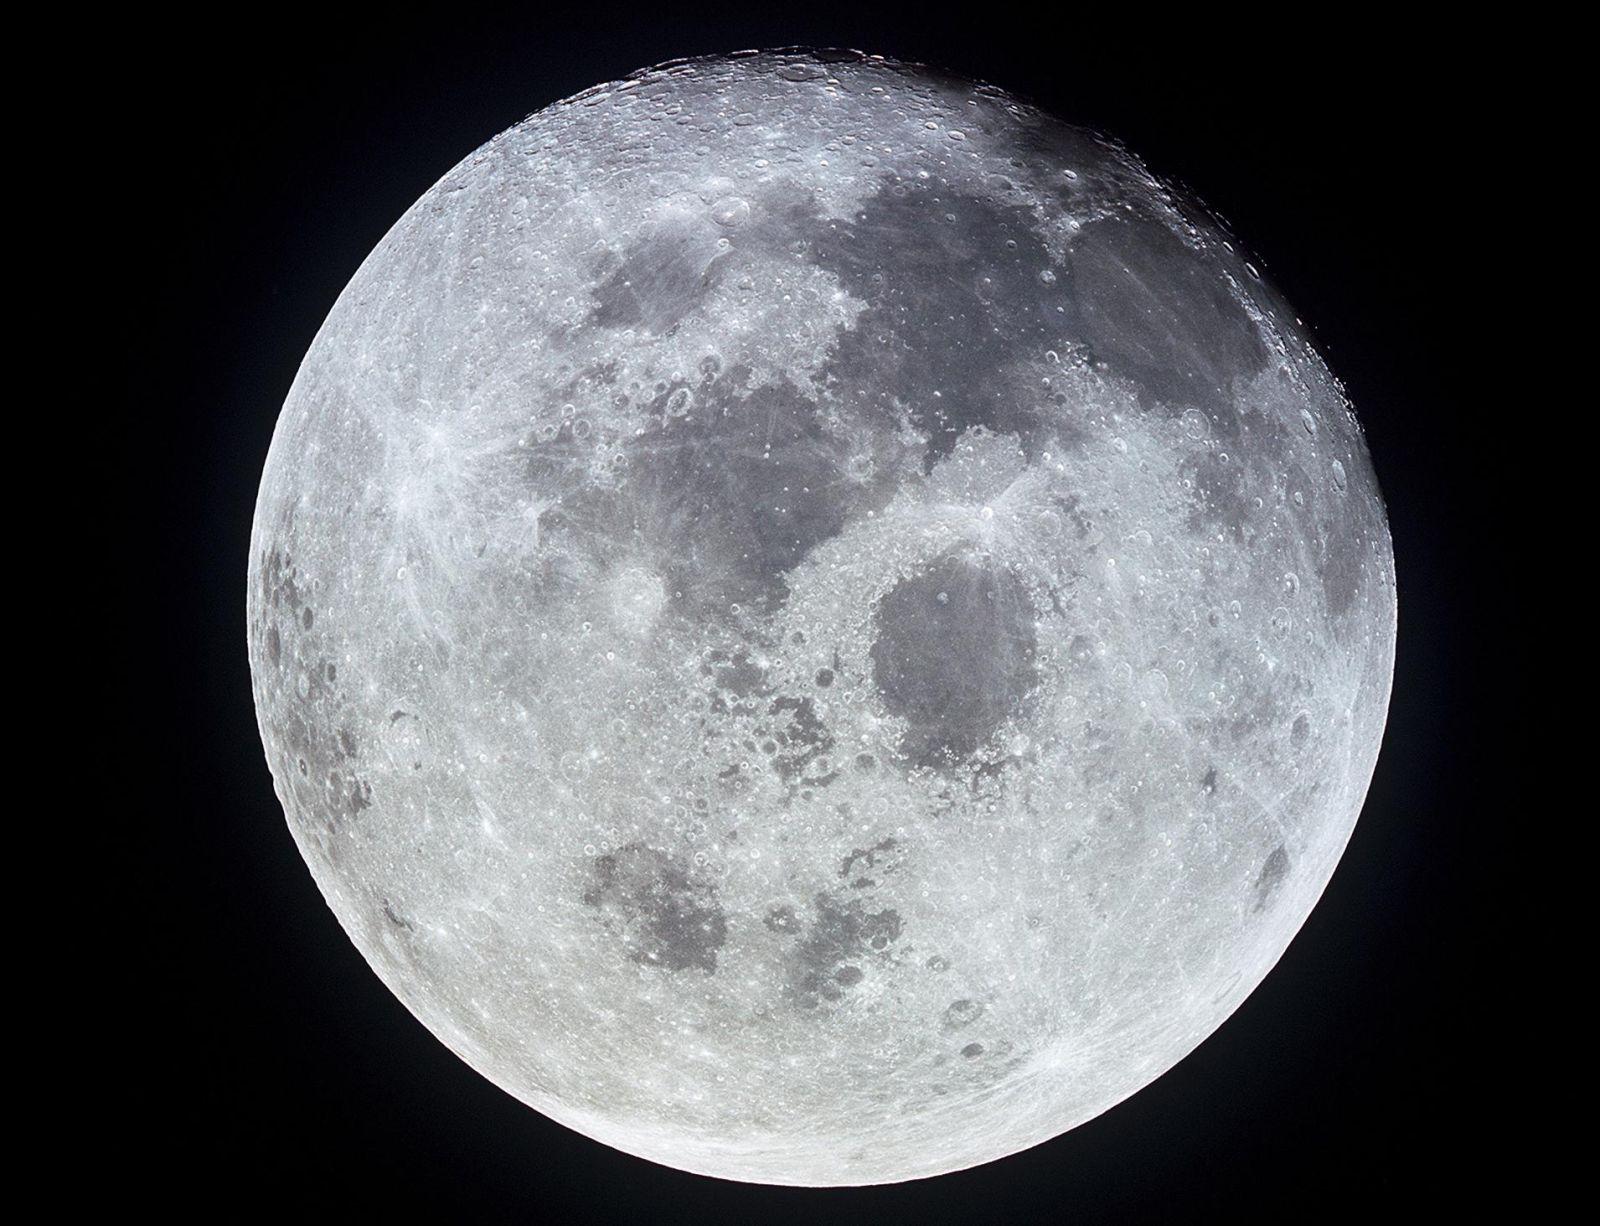 La Luna puede contener más agua de lo que se creía, anuncia la NASA | CNN